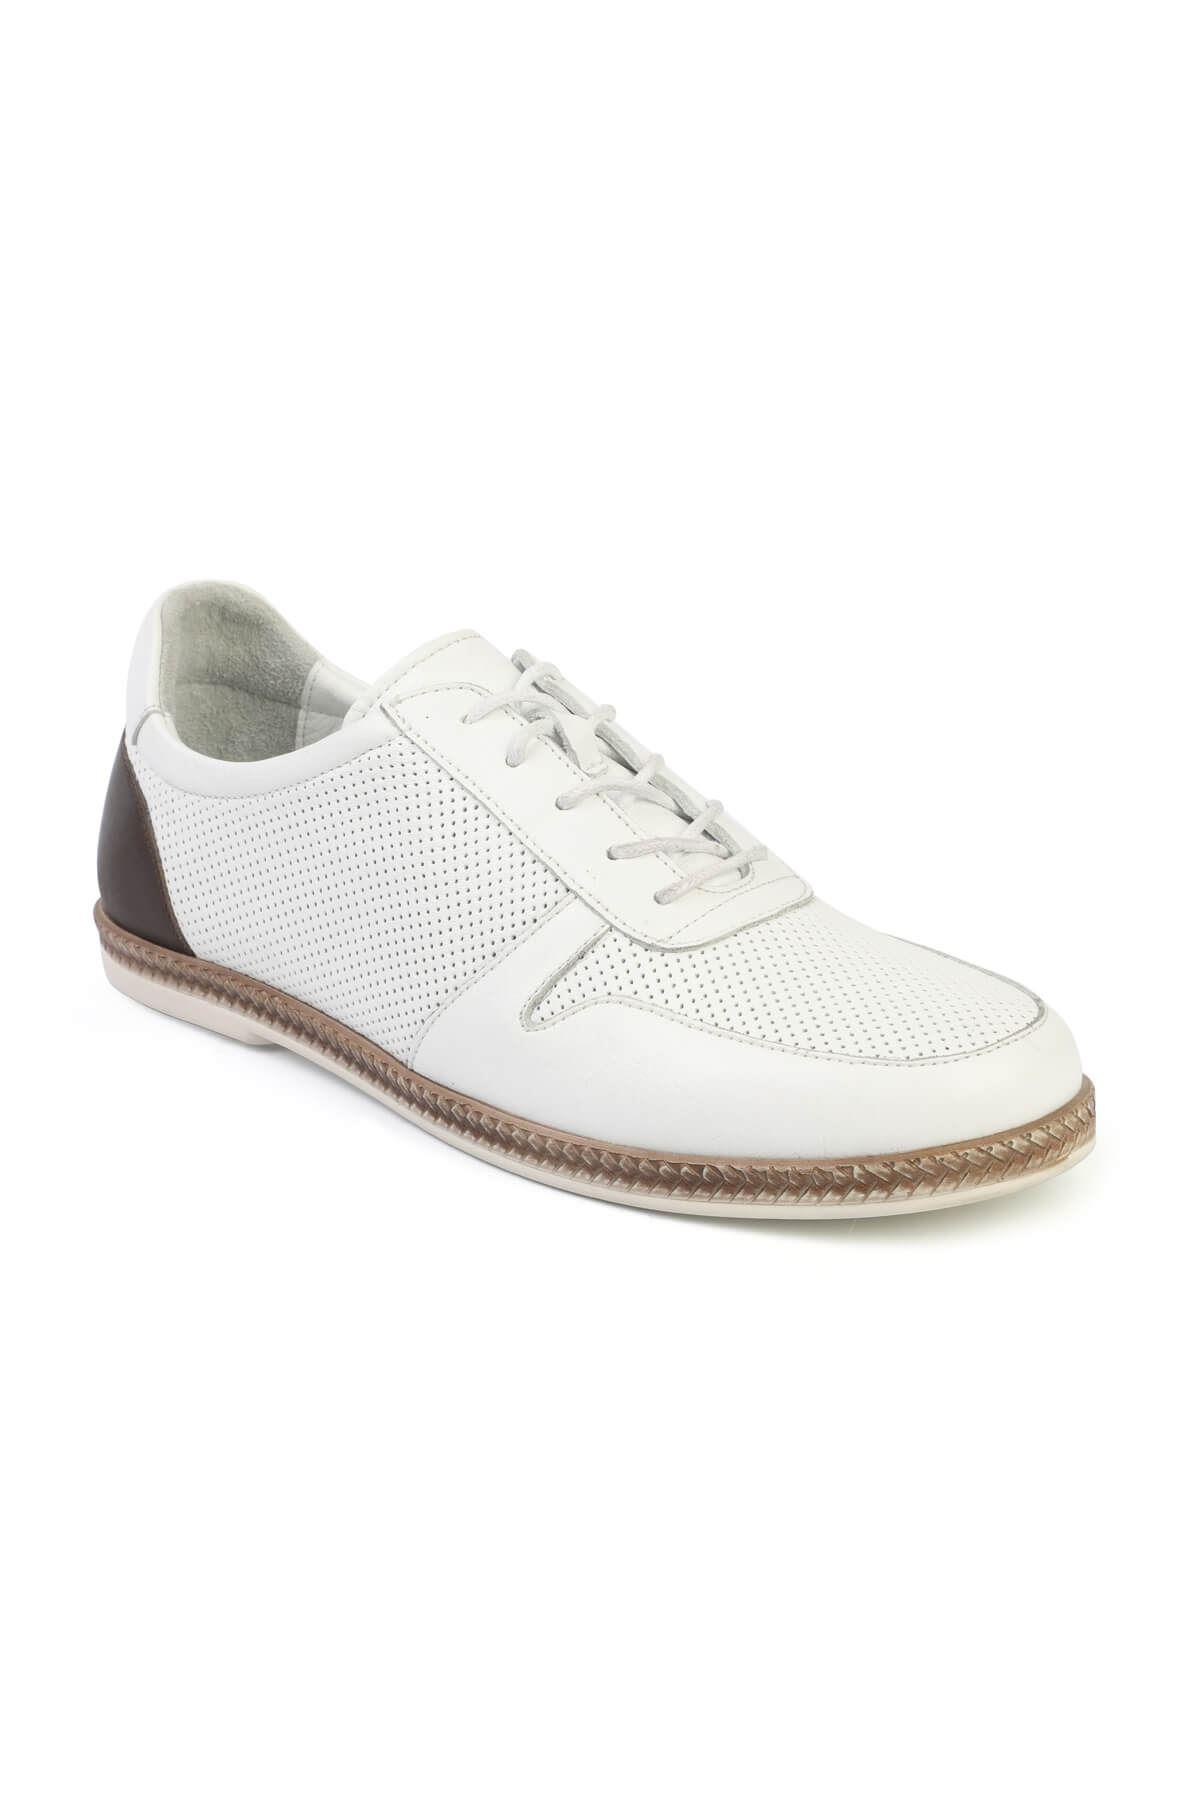 Libero C821 Beyaz Spor Ayakkabı